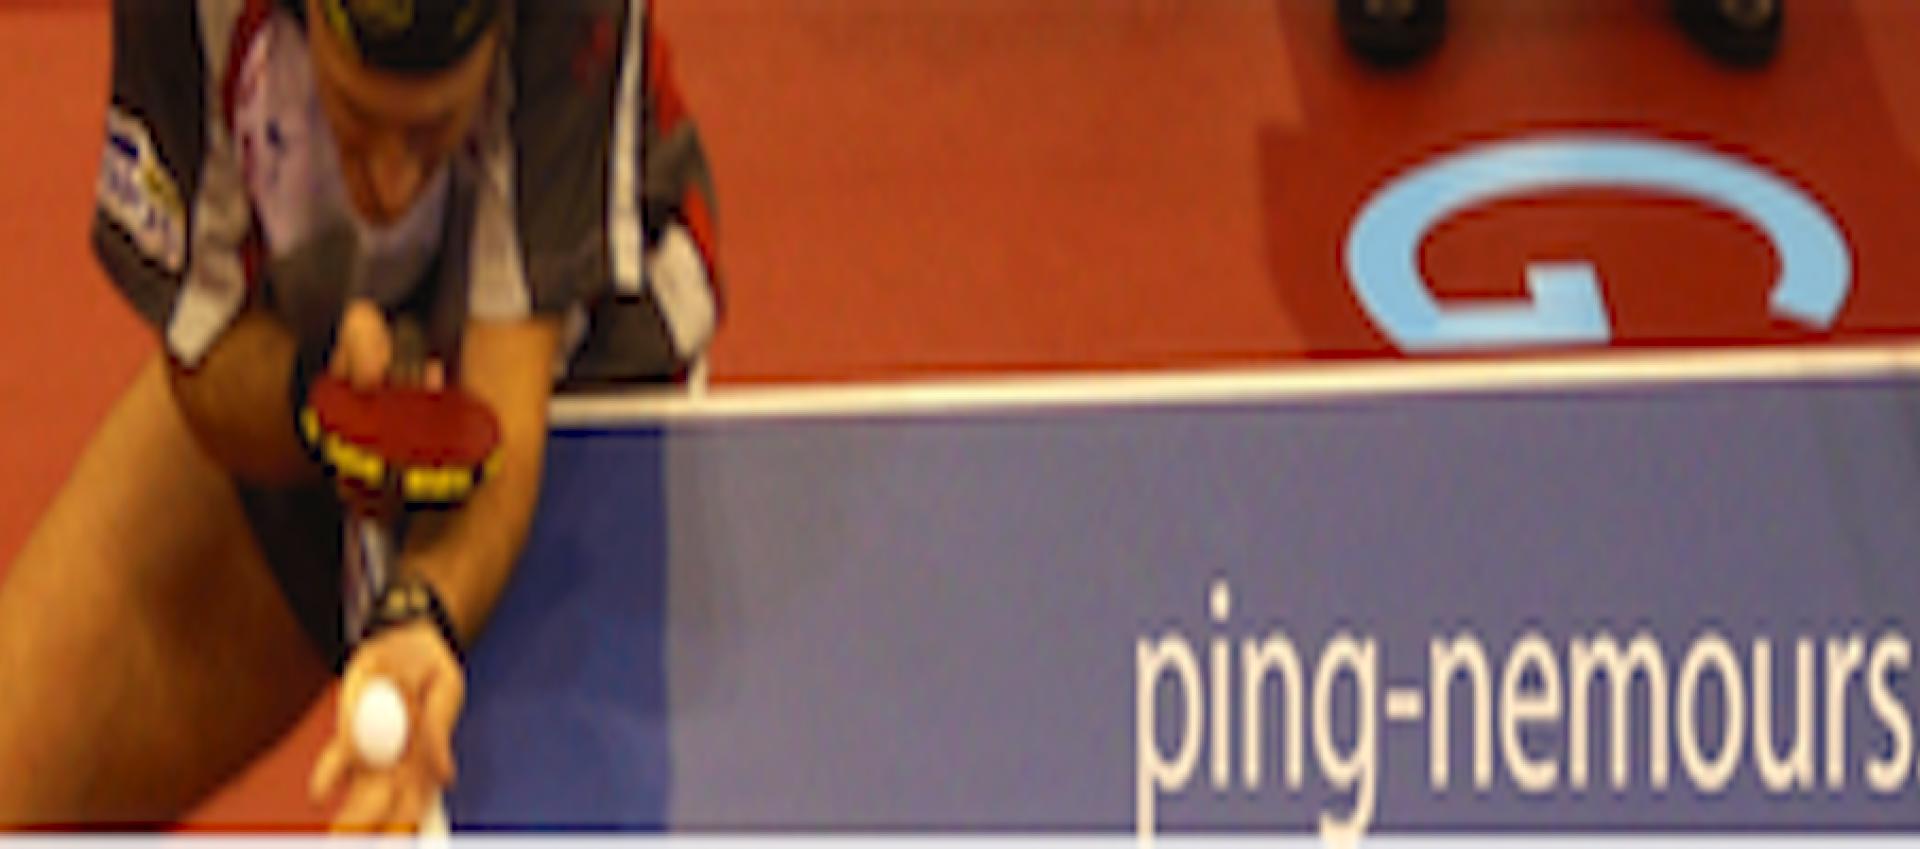 Ping-Nemours